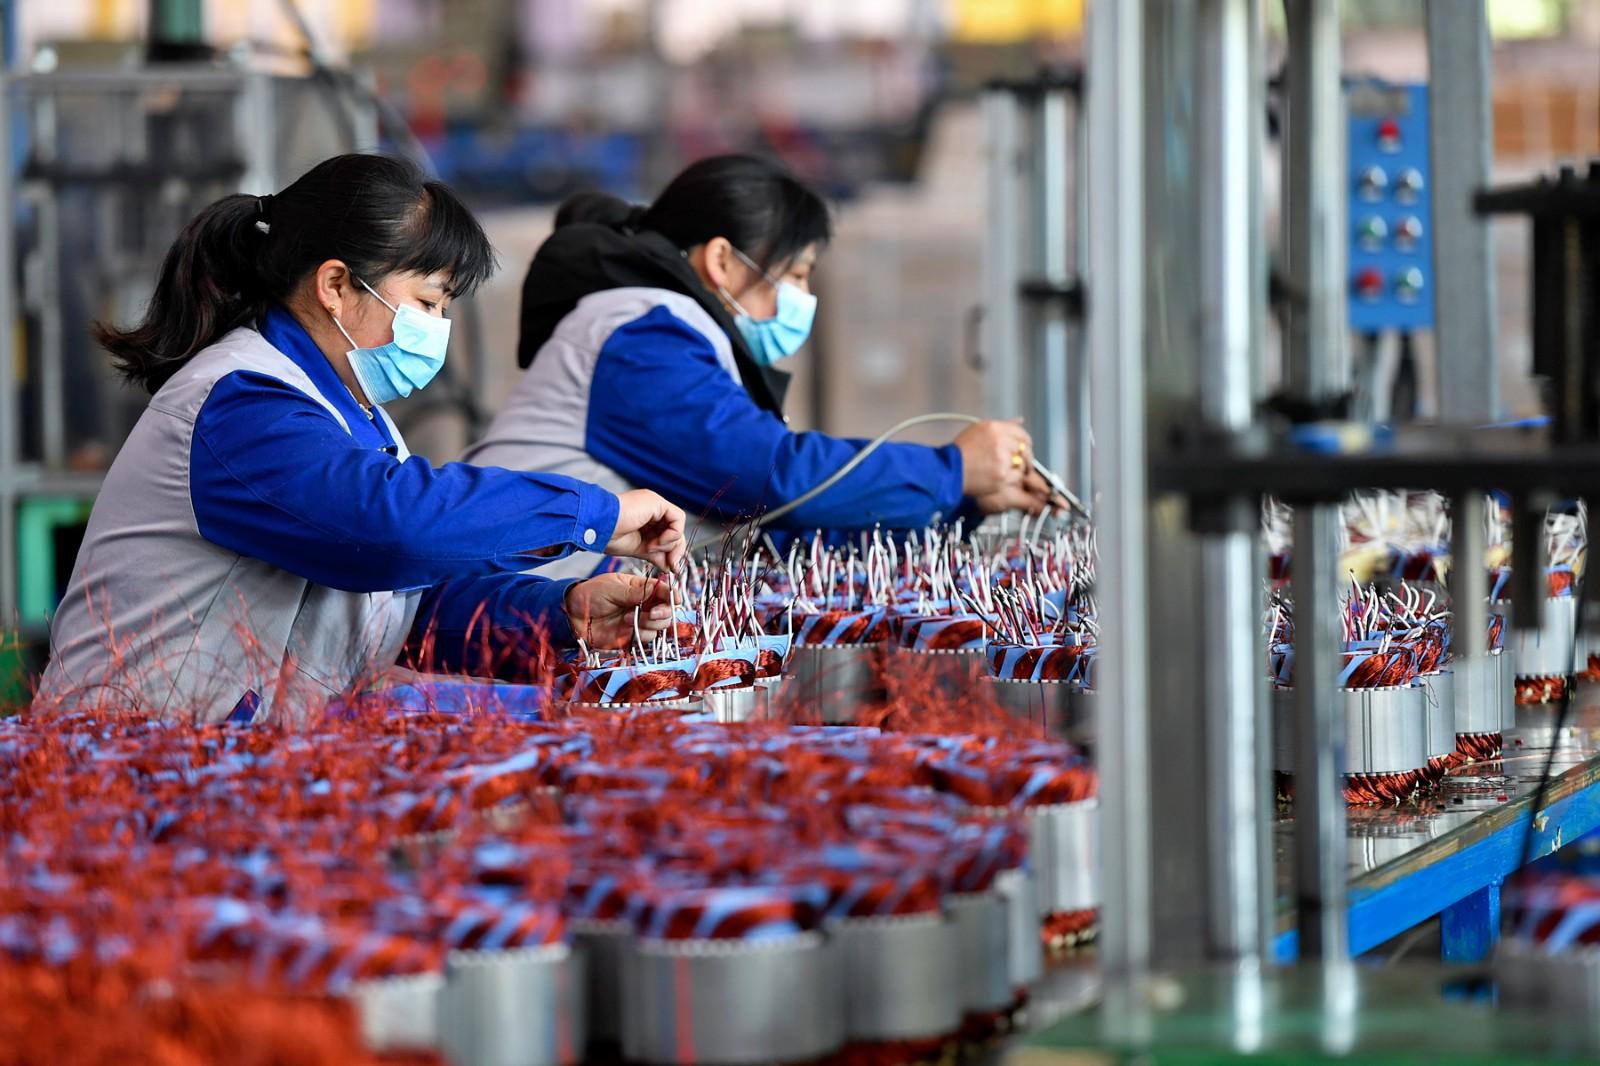 万鑫精工生产车间内,工人们在紧张生产。随着制造企业的相继复工,万鑫精工的减速机订单迎来了爆发式增长。 长沙晚报全媒体记者 王志伟 摄